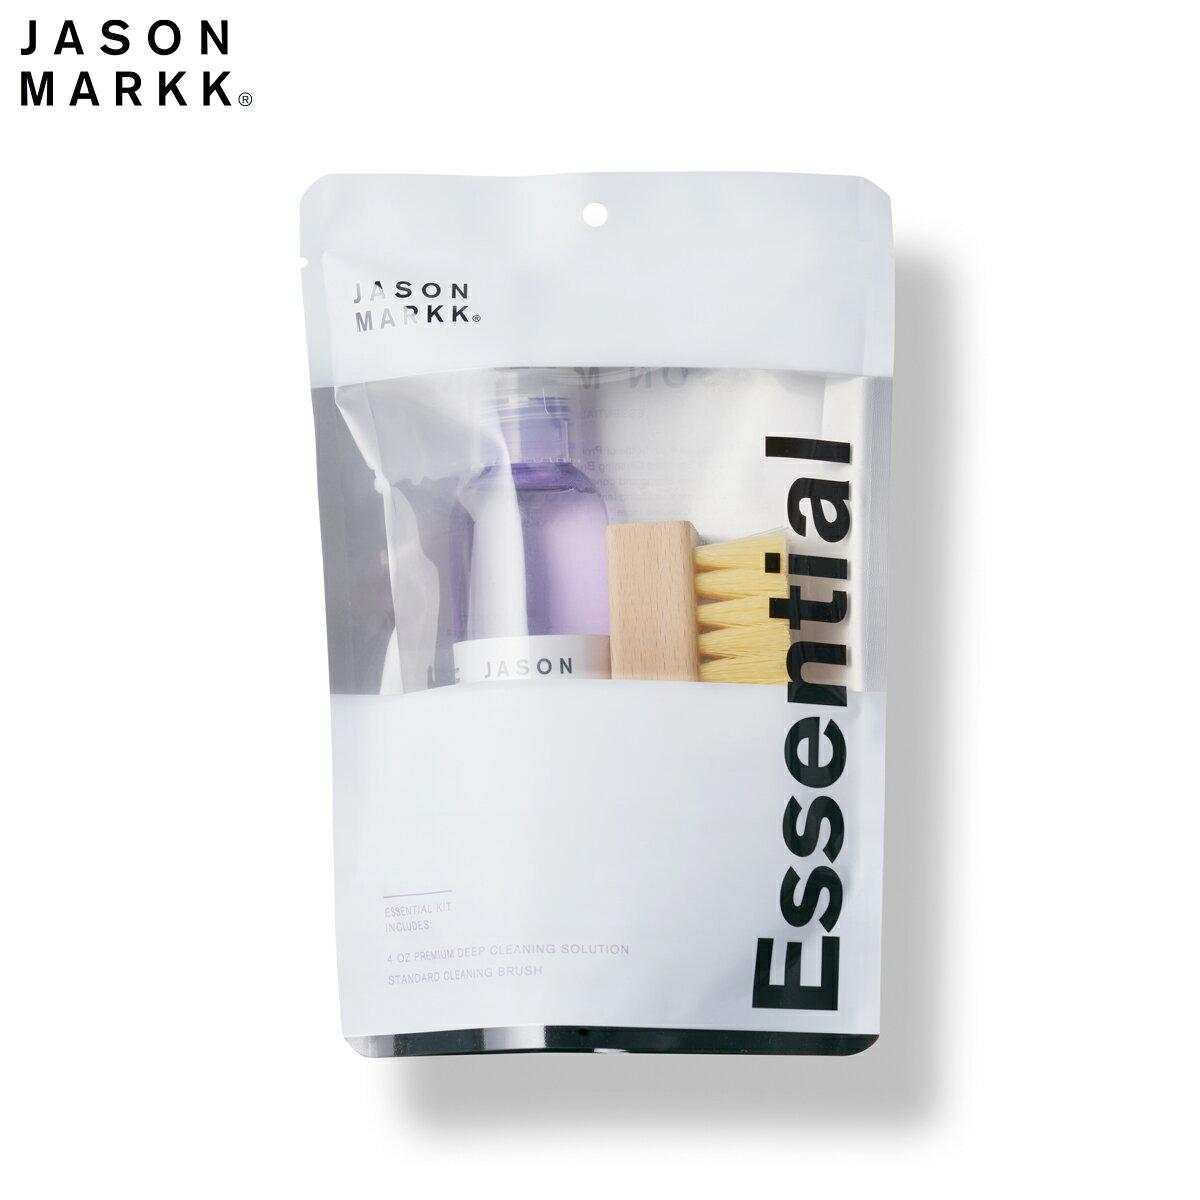 スニーカークリーナー 洗剤 汚れ落とし JASON MARKK ESSENTIAL KIT ジェイソンマーク エッセンシャル キット あらゆる素材に対応可能なクリーナー